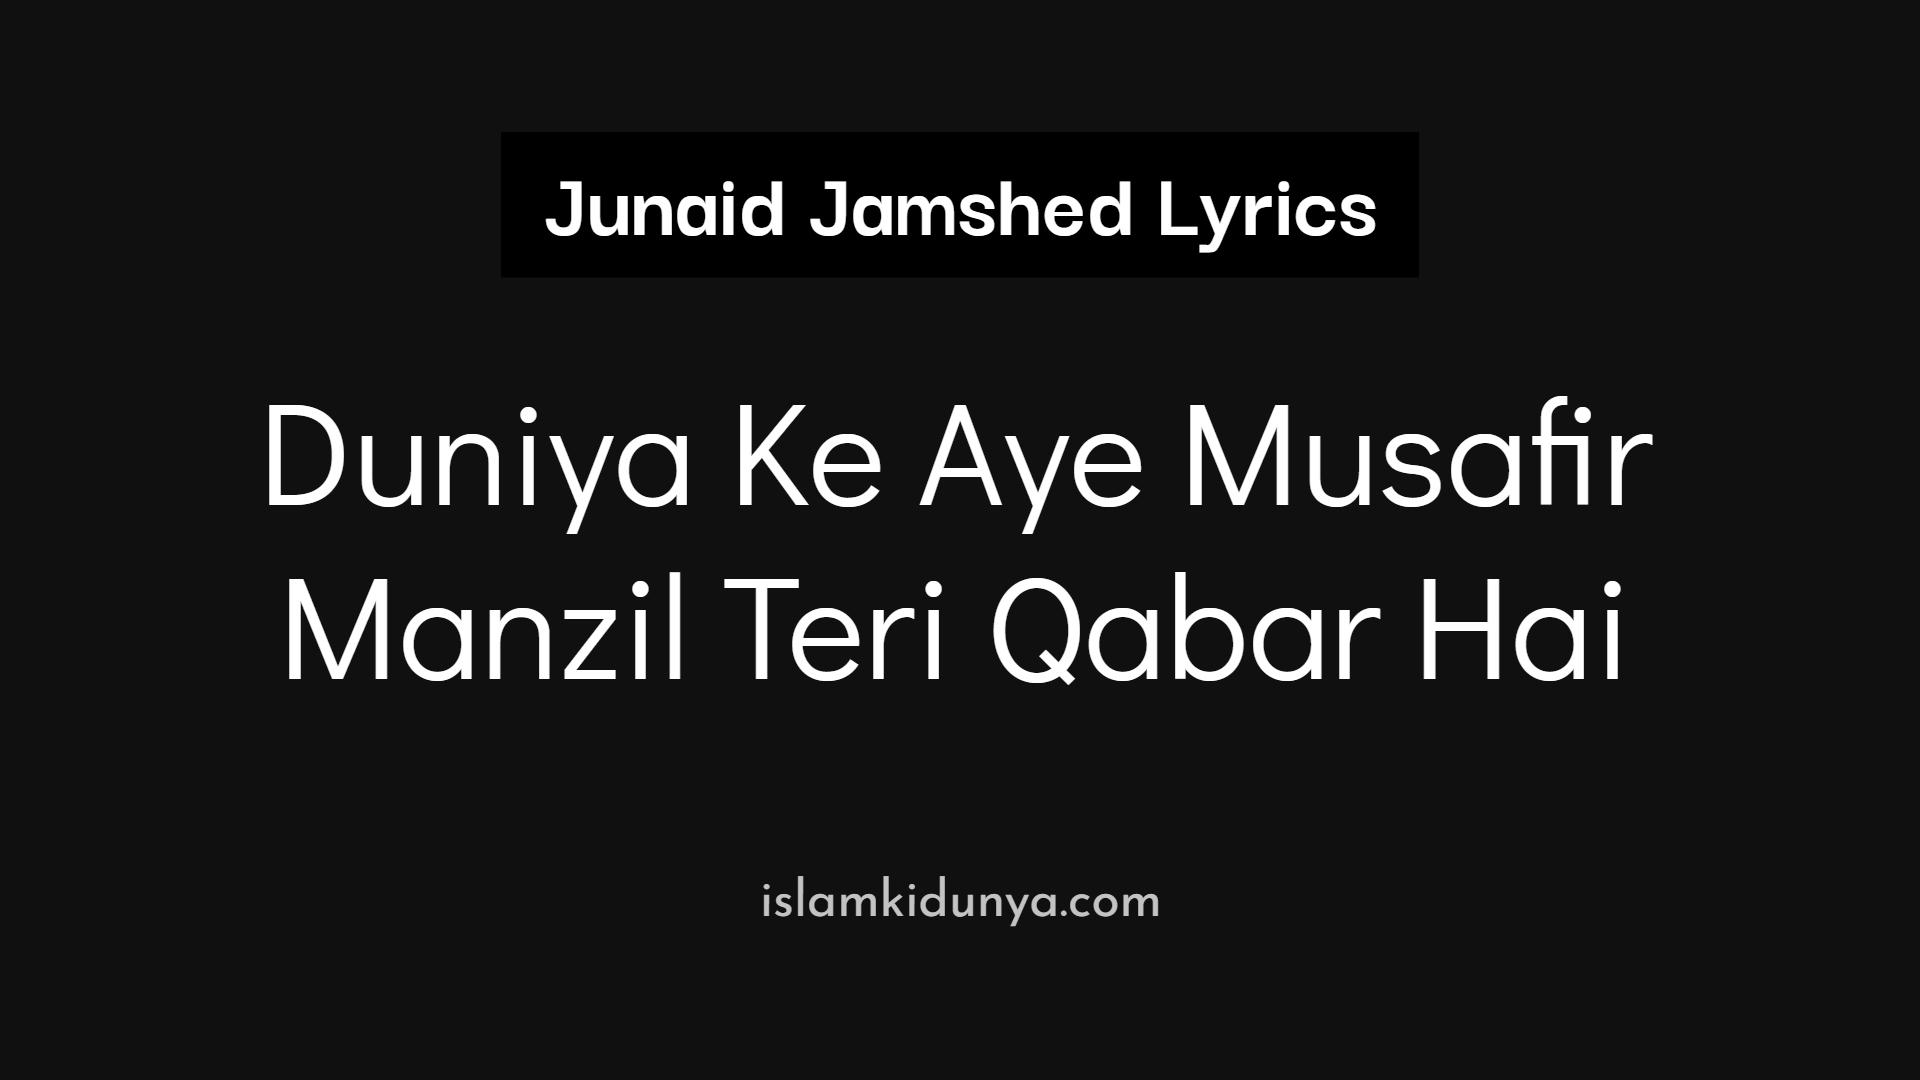 Duniya Ke Aye Musafir Manzil Teri Qabar Hai - Junaid Jamshed (Lyrics)